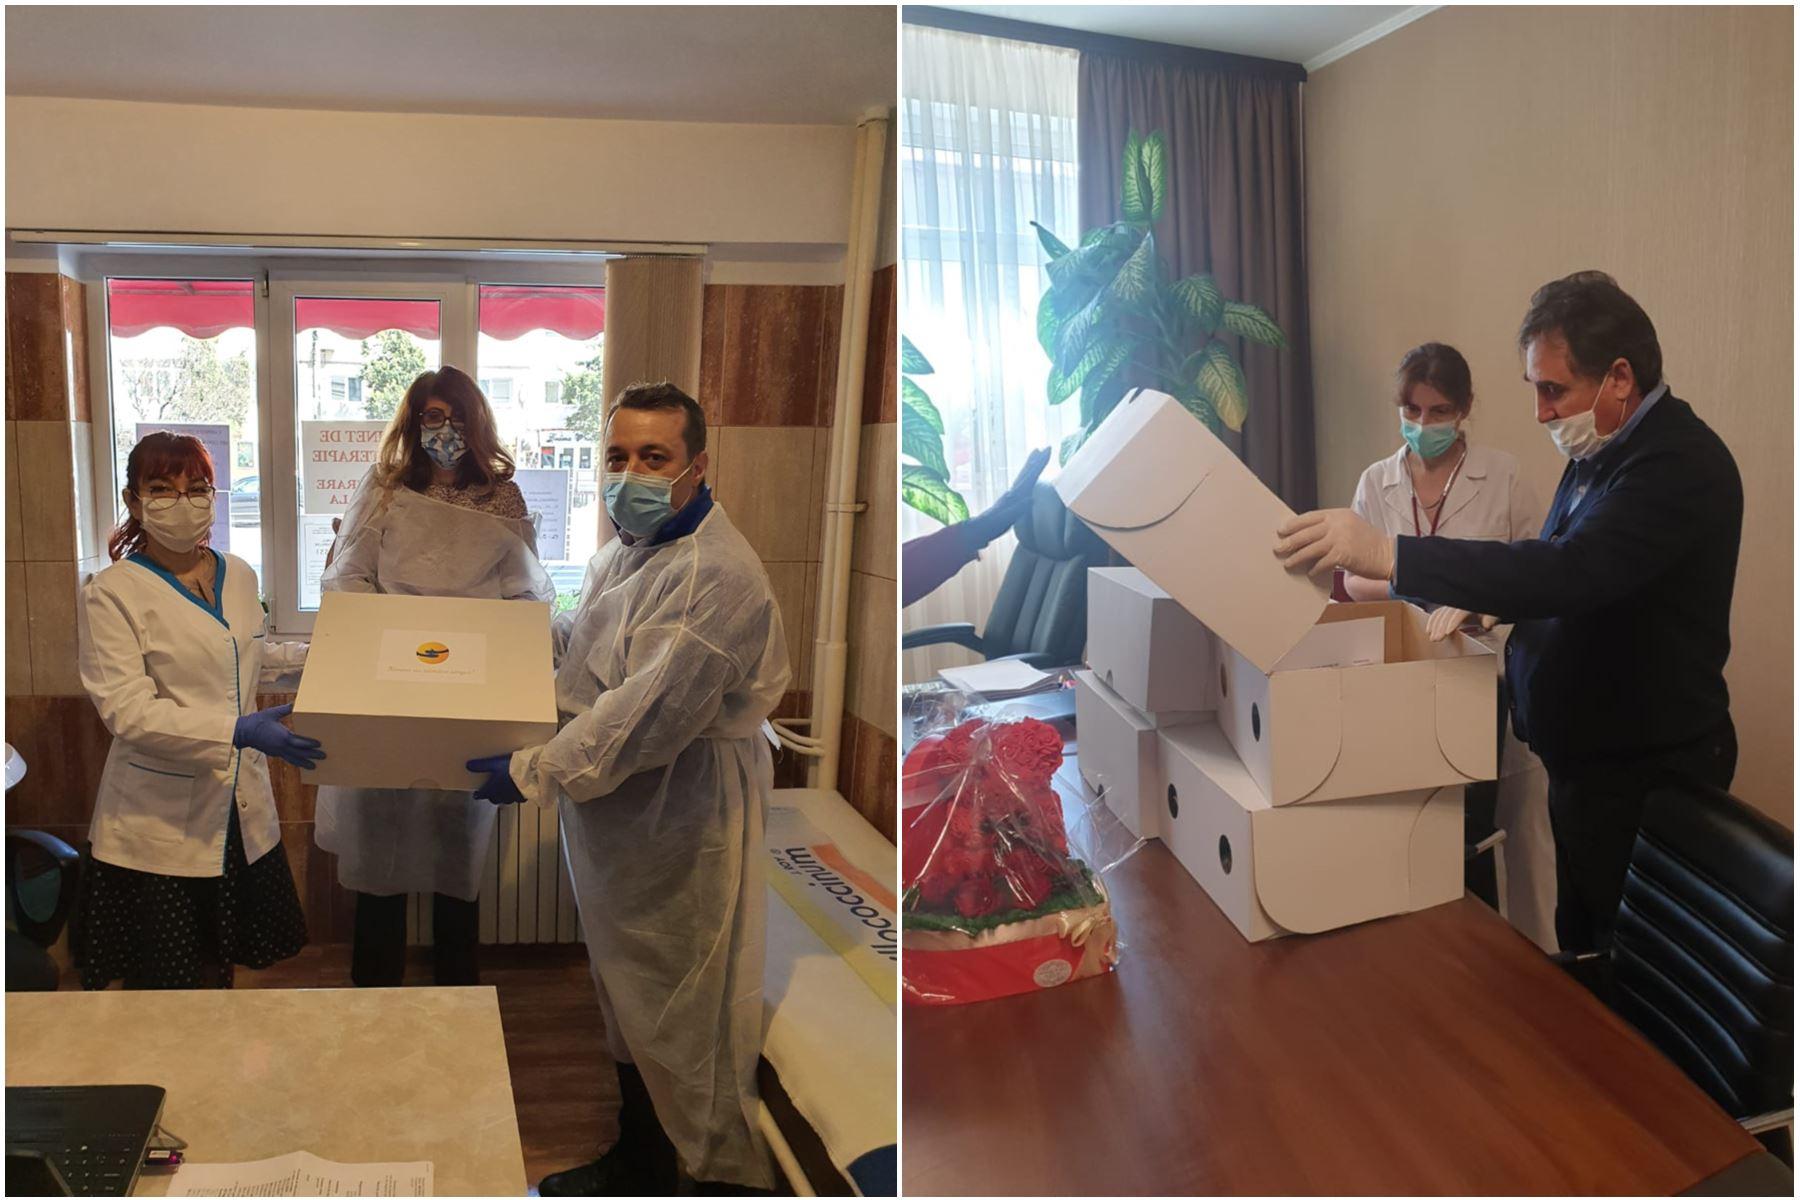 Astăzi, 08.04.2020 au avut loc primele acțiuni de donare a echipamentelor achiziționate din donațiile realizate de inițiatorii platformei Împreună Constanța, la care au participat Ionuț Rusu (foto stânga) și Mihai Lupu